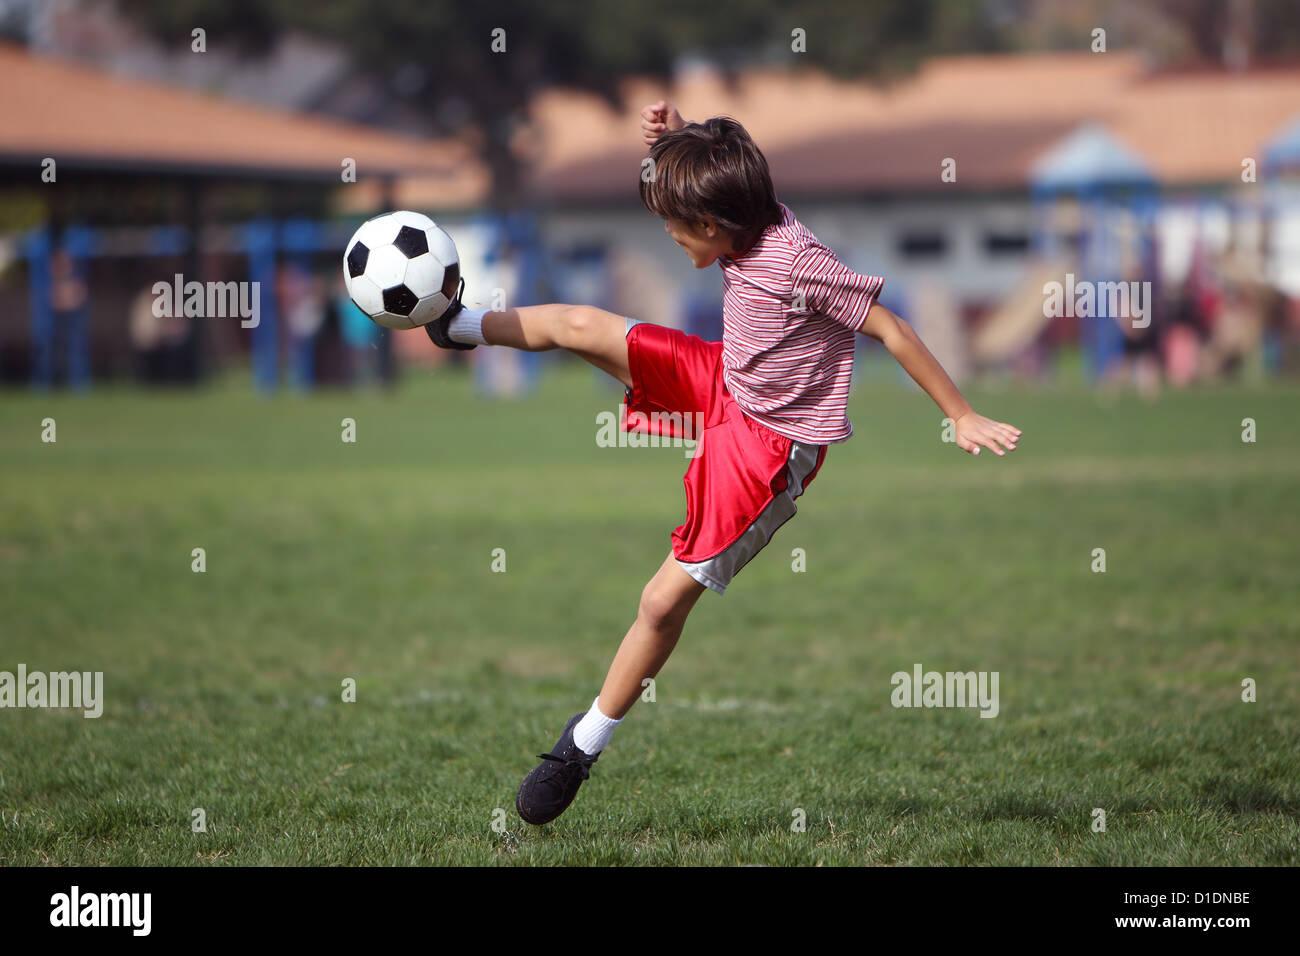 Nino Jugando Futbol En El Parque La Autentica Accion Espacio De